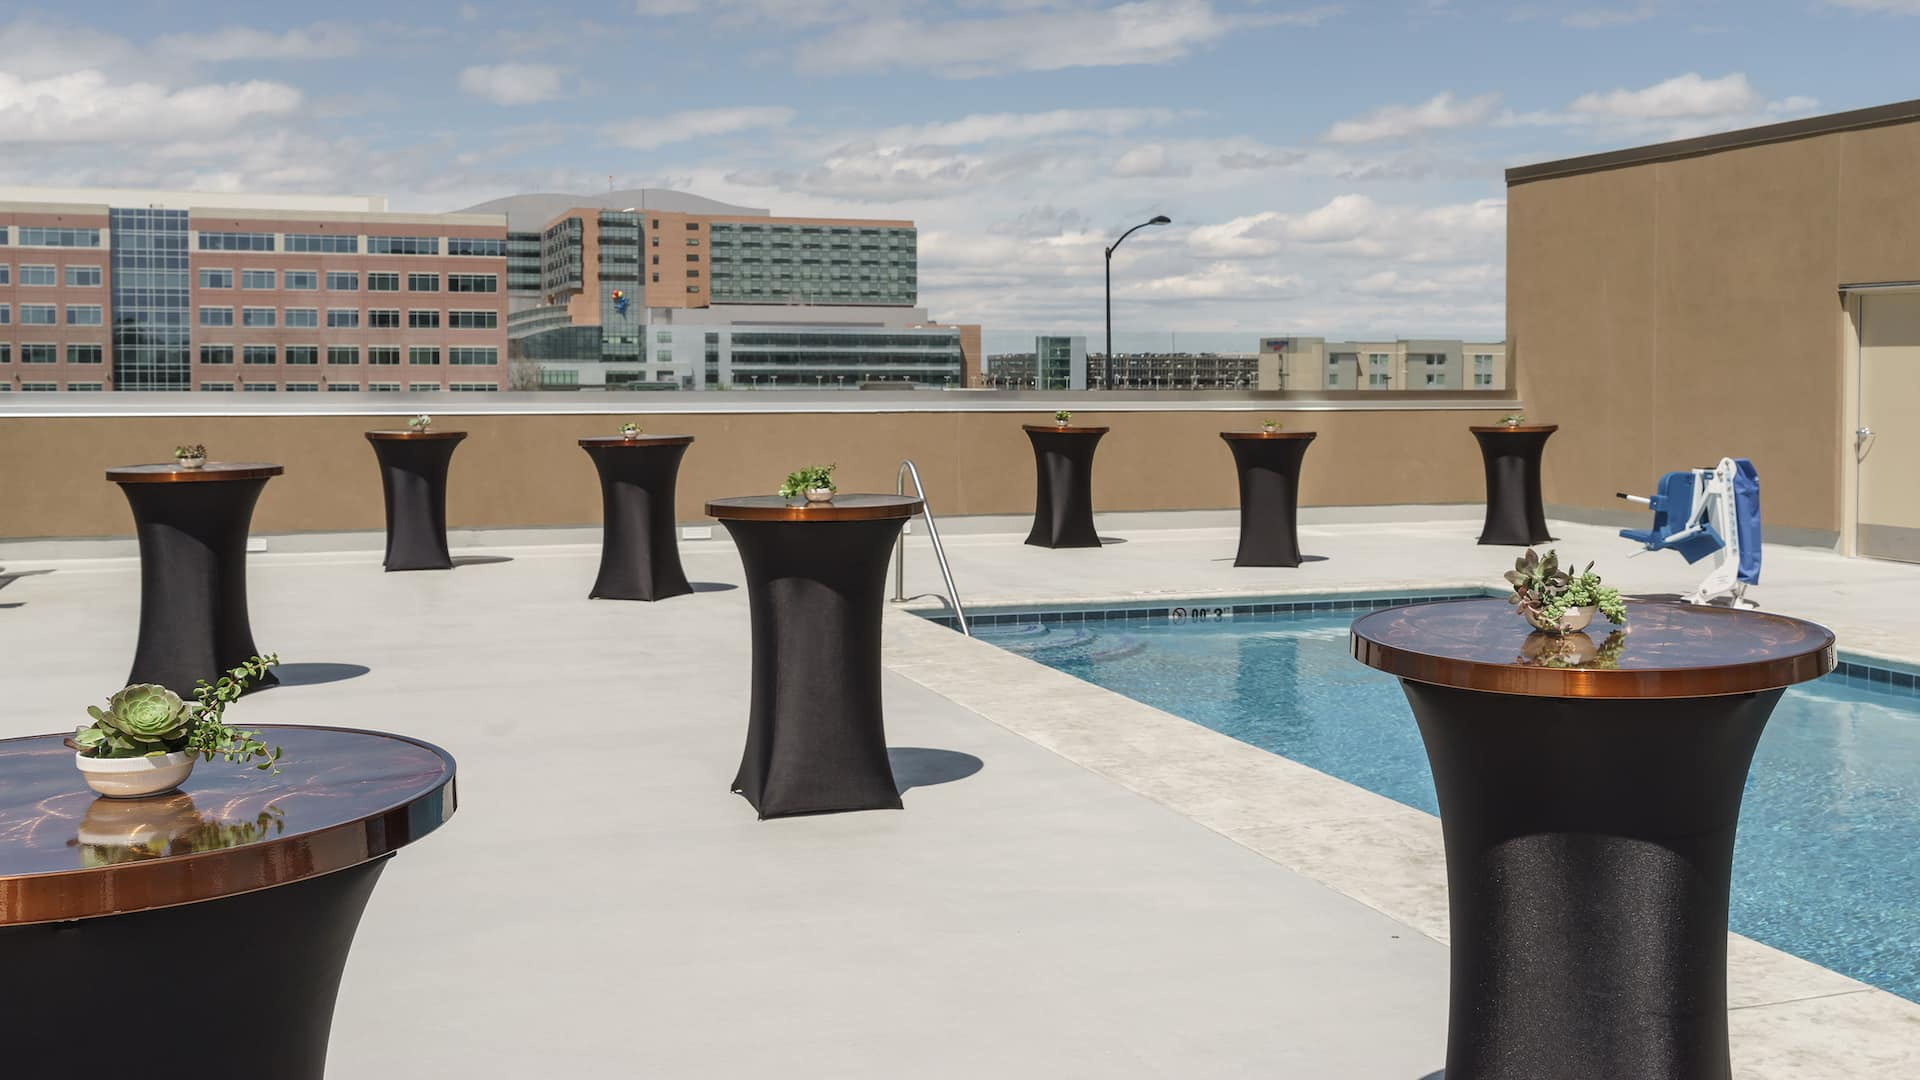 Poolside Reception Venue at Hyatt Regency Aurora-Denver